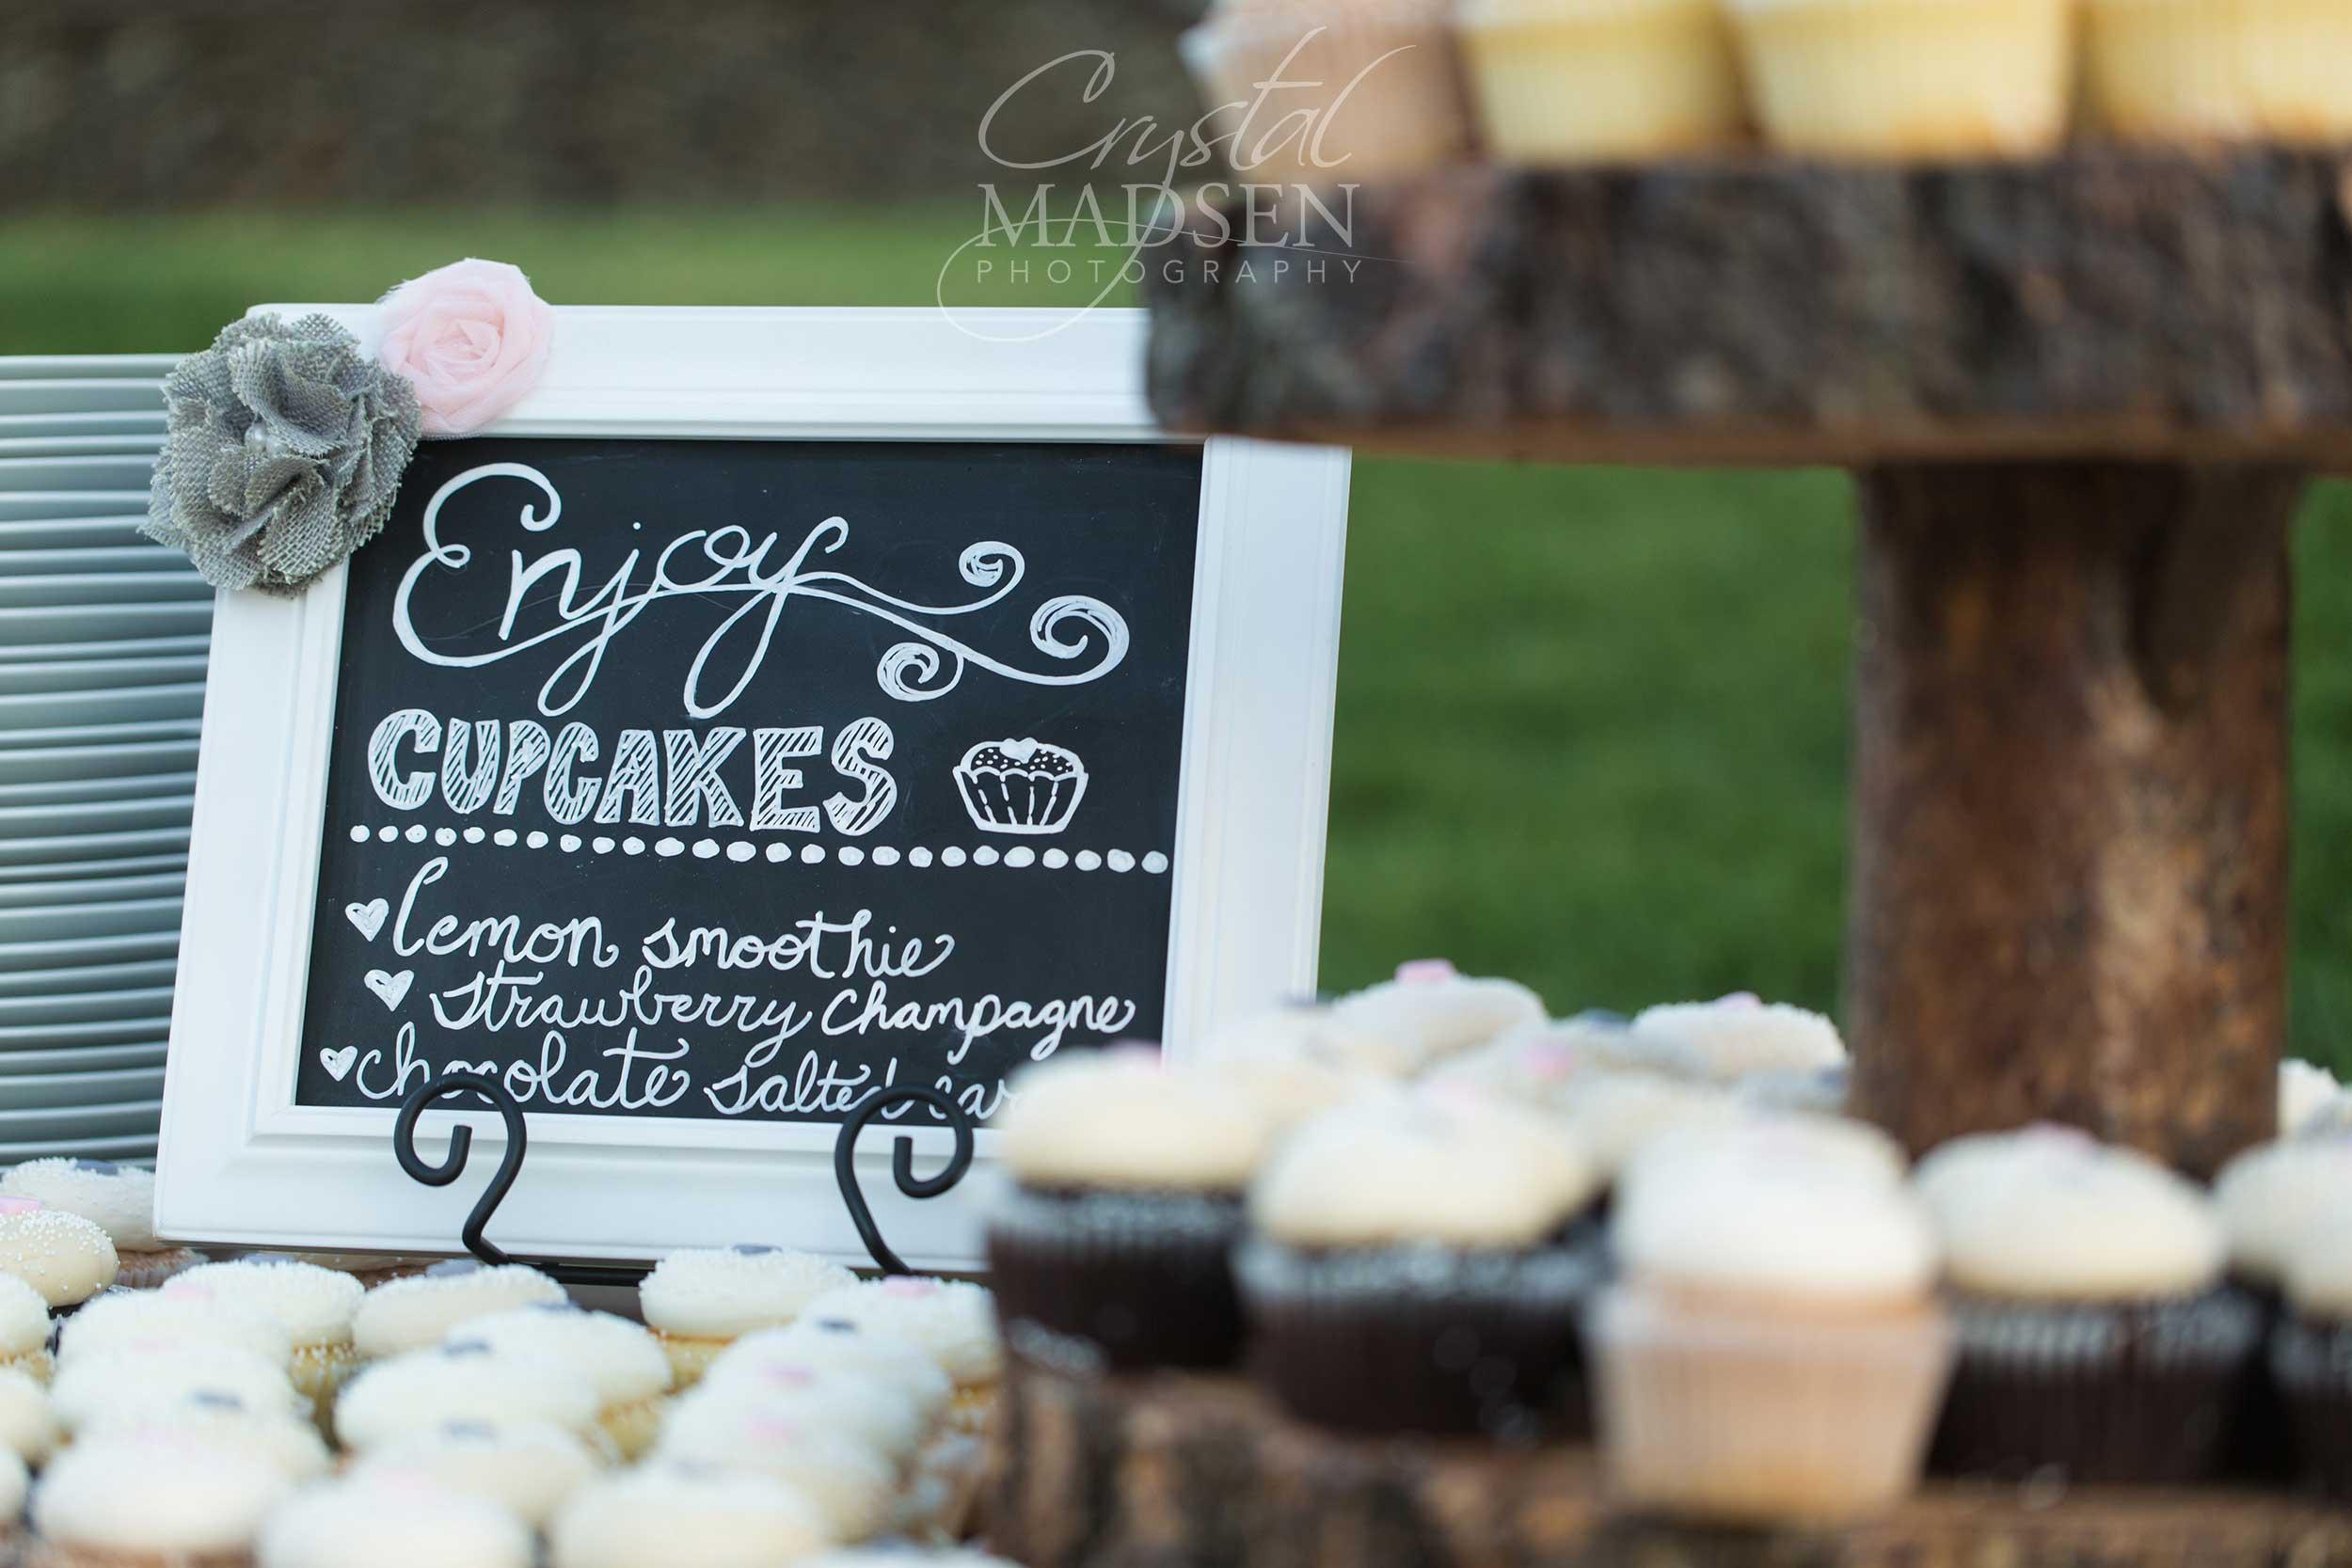 wedding photography in spokane wa